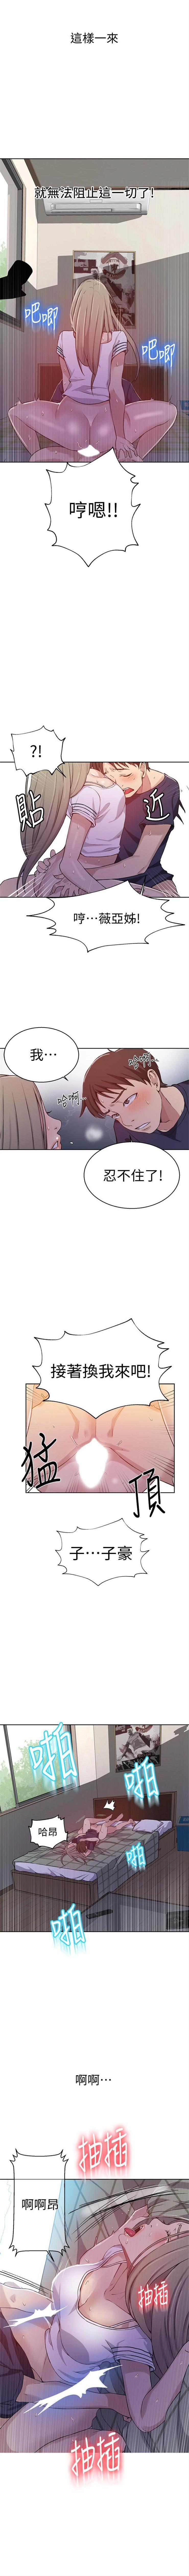 秘密教學  1-50 官方中文(連載中) 204